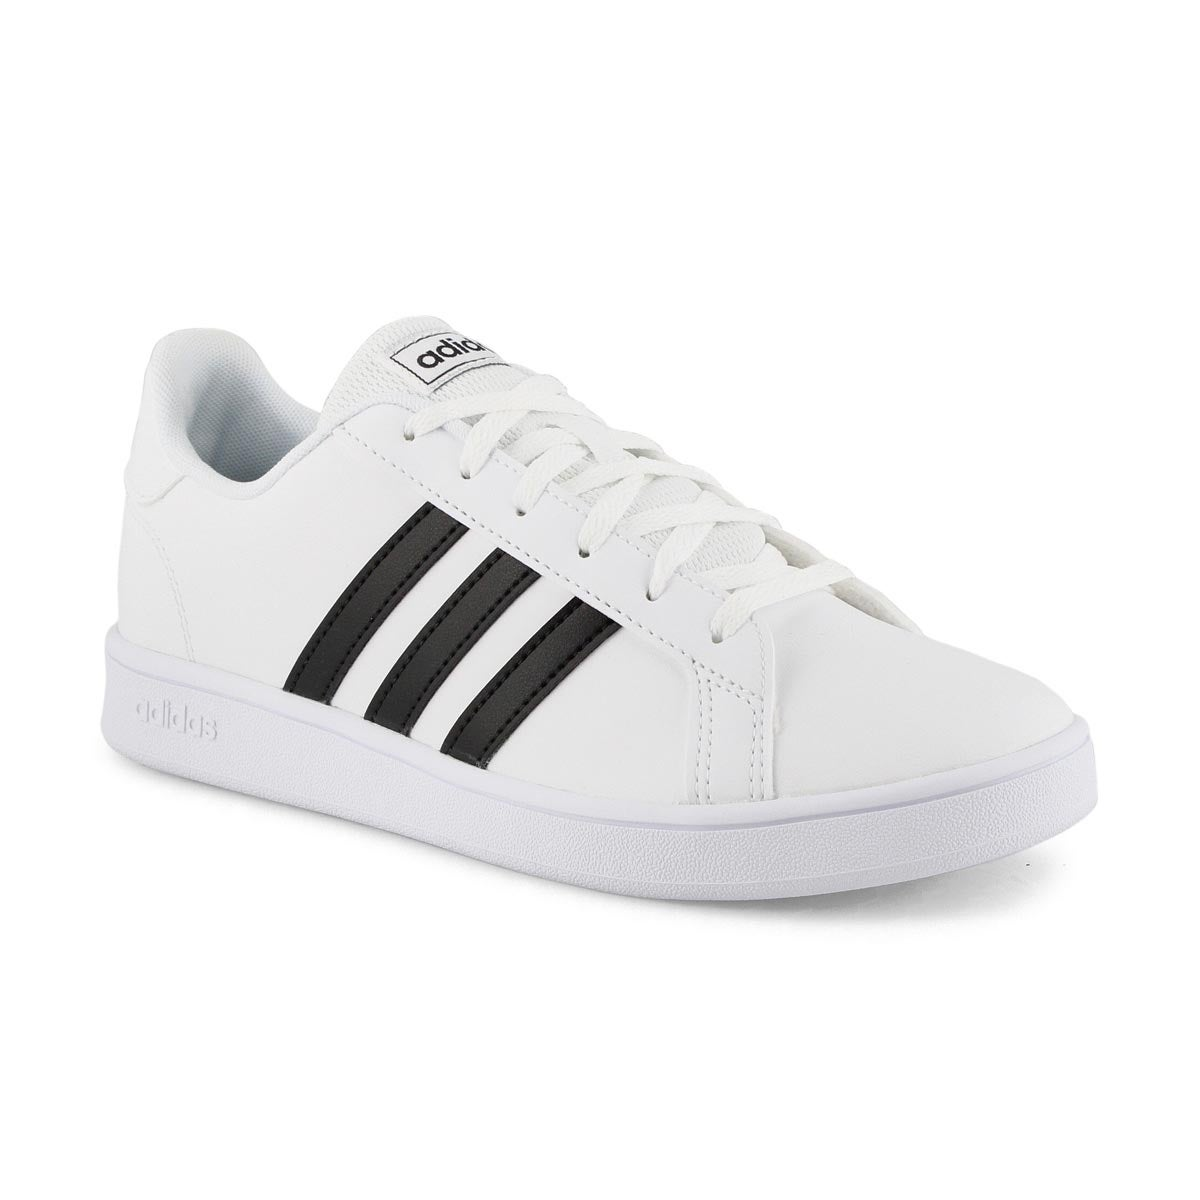 Kid's Grand Court Sneaker - White/Black